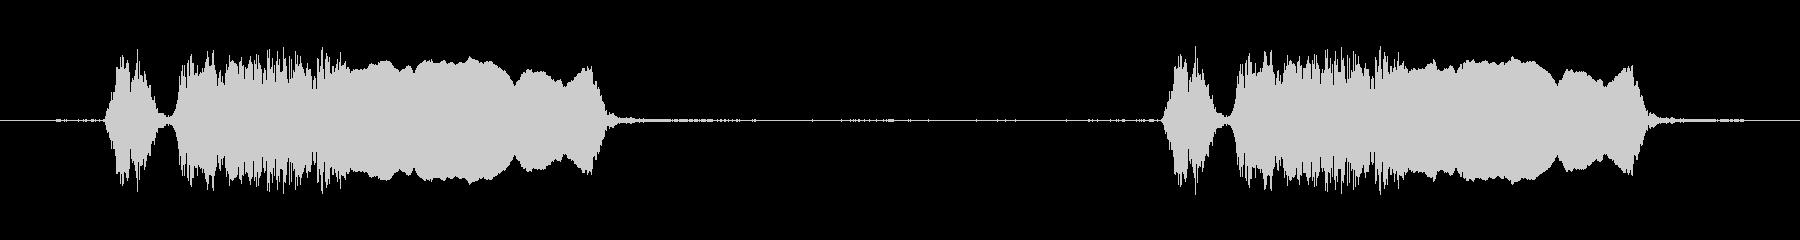 ルースターカラス2回、屋外、鳥; ...の未再生の波形